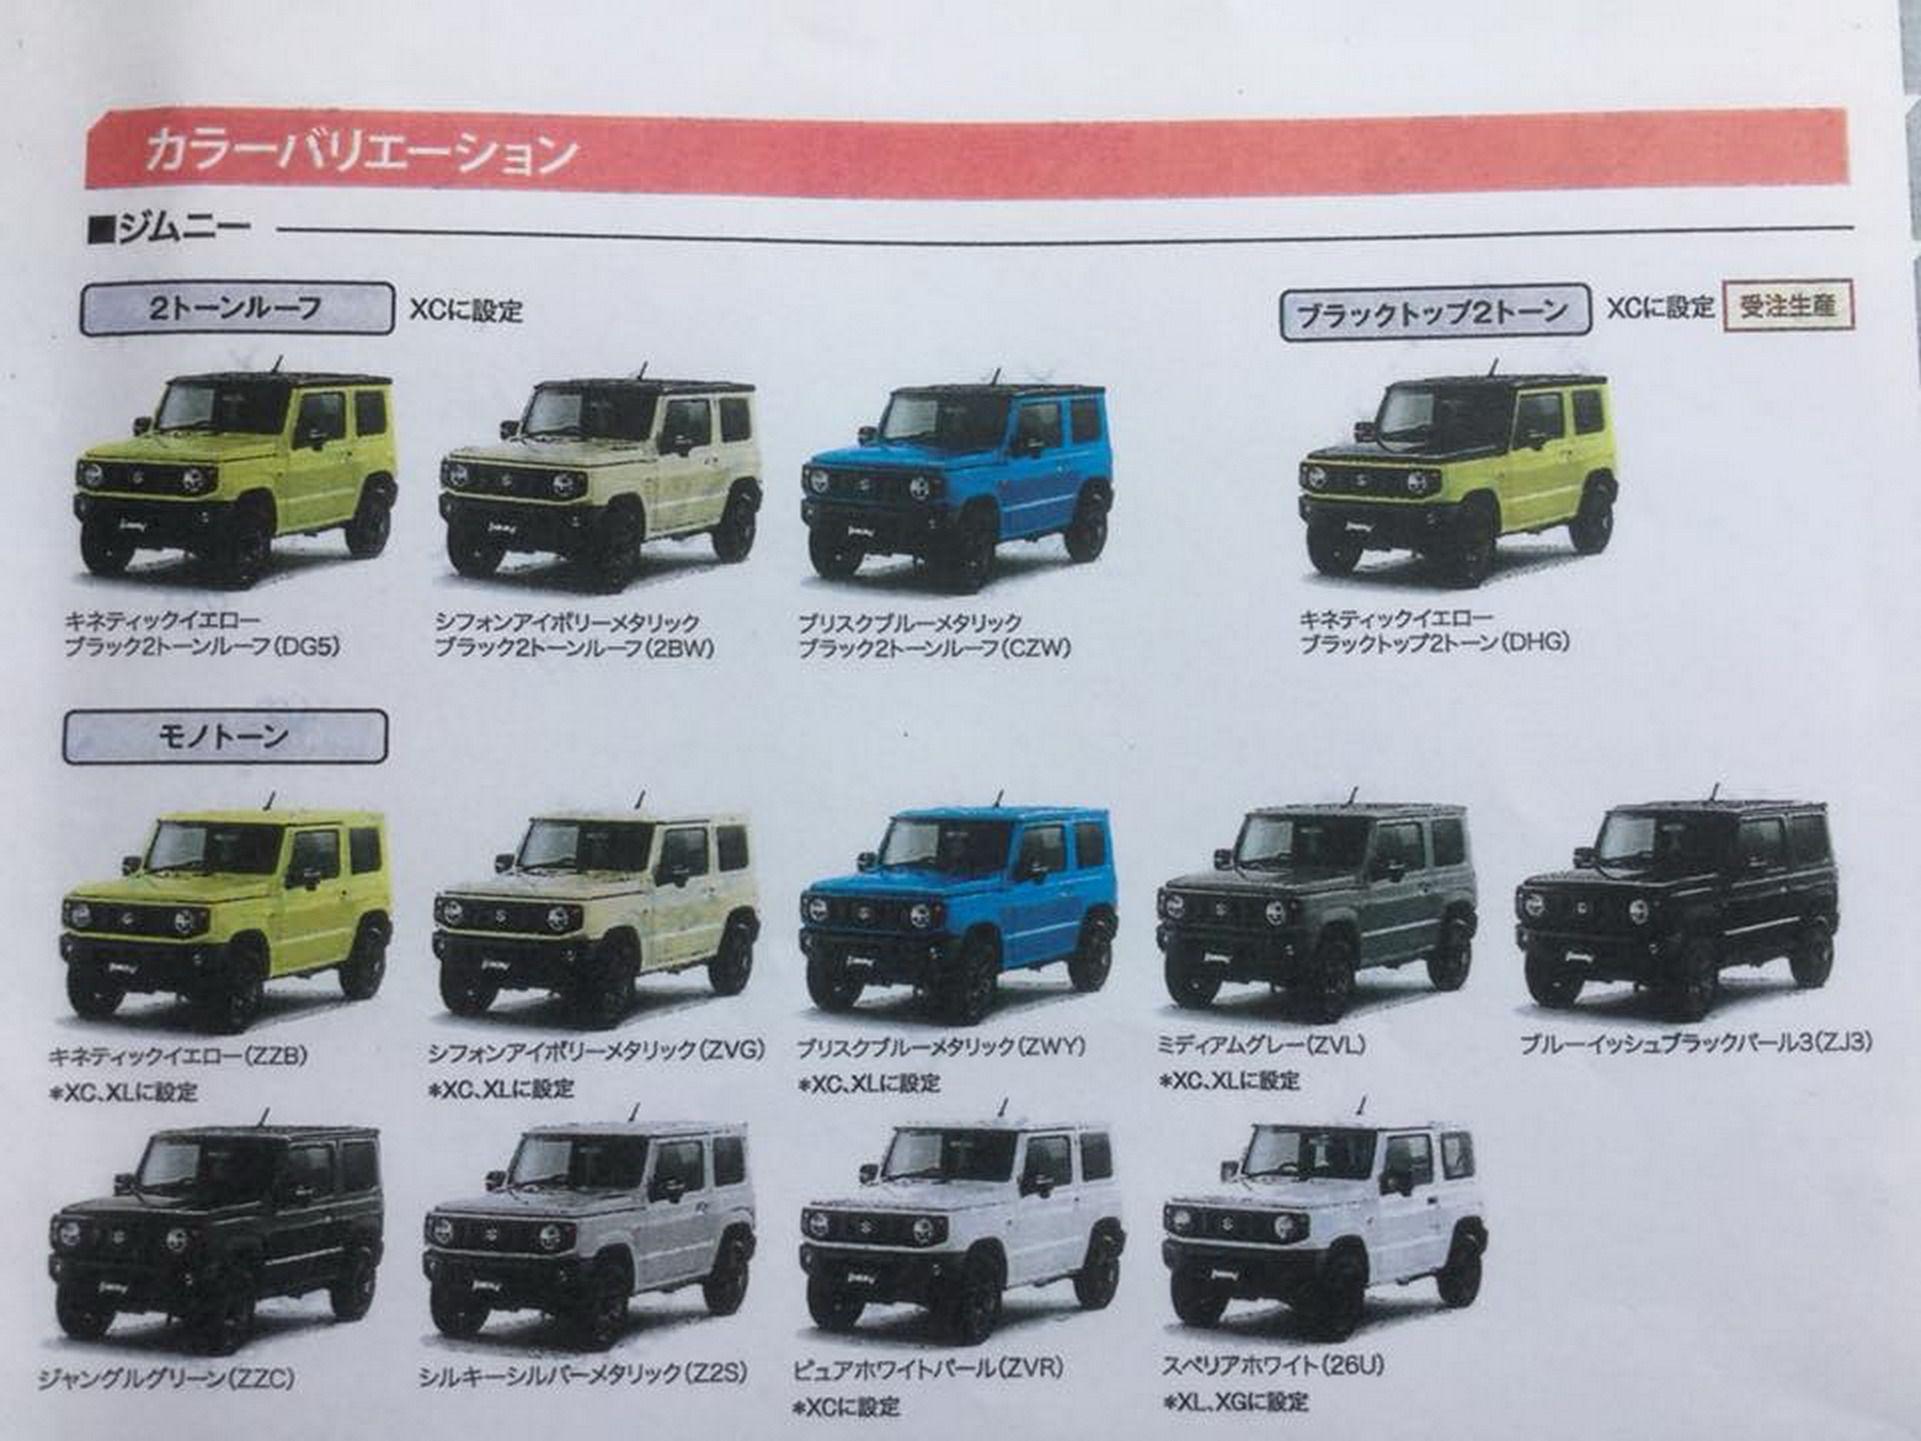 Suzuki_Jimny_leaked_0006